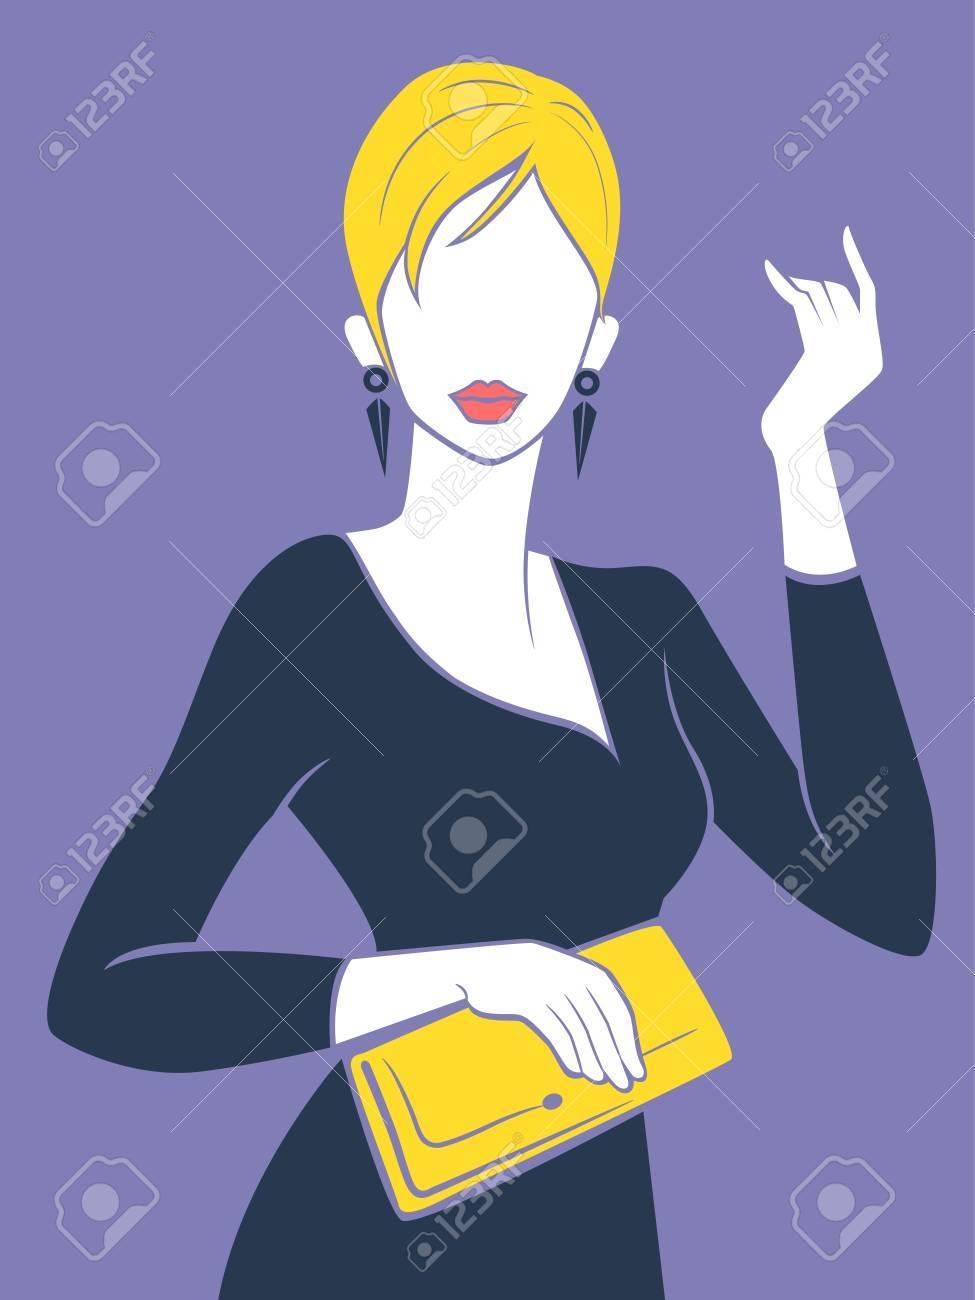 Foto de archivo - Ilustración de una chica de moda que sostiene un bolso de  mano del amarillo 02a695b1873